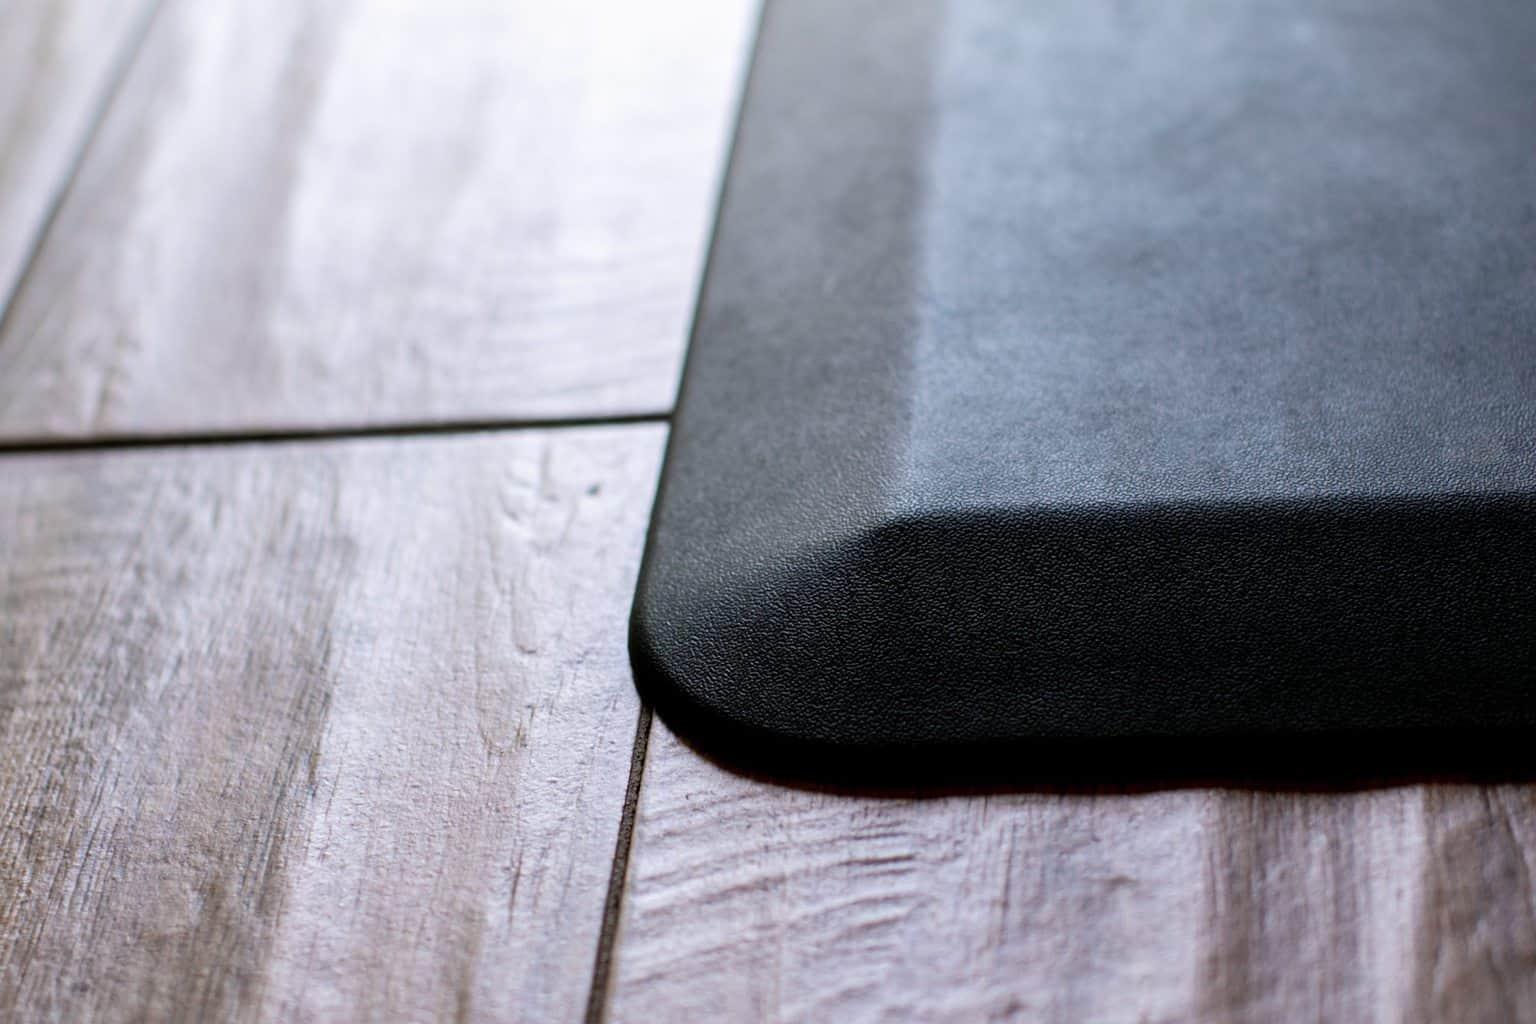 Edge close up of an anti fatigue mat